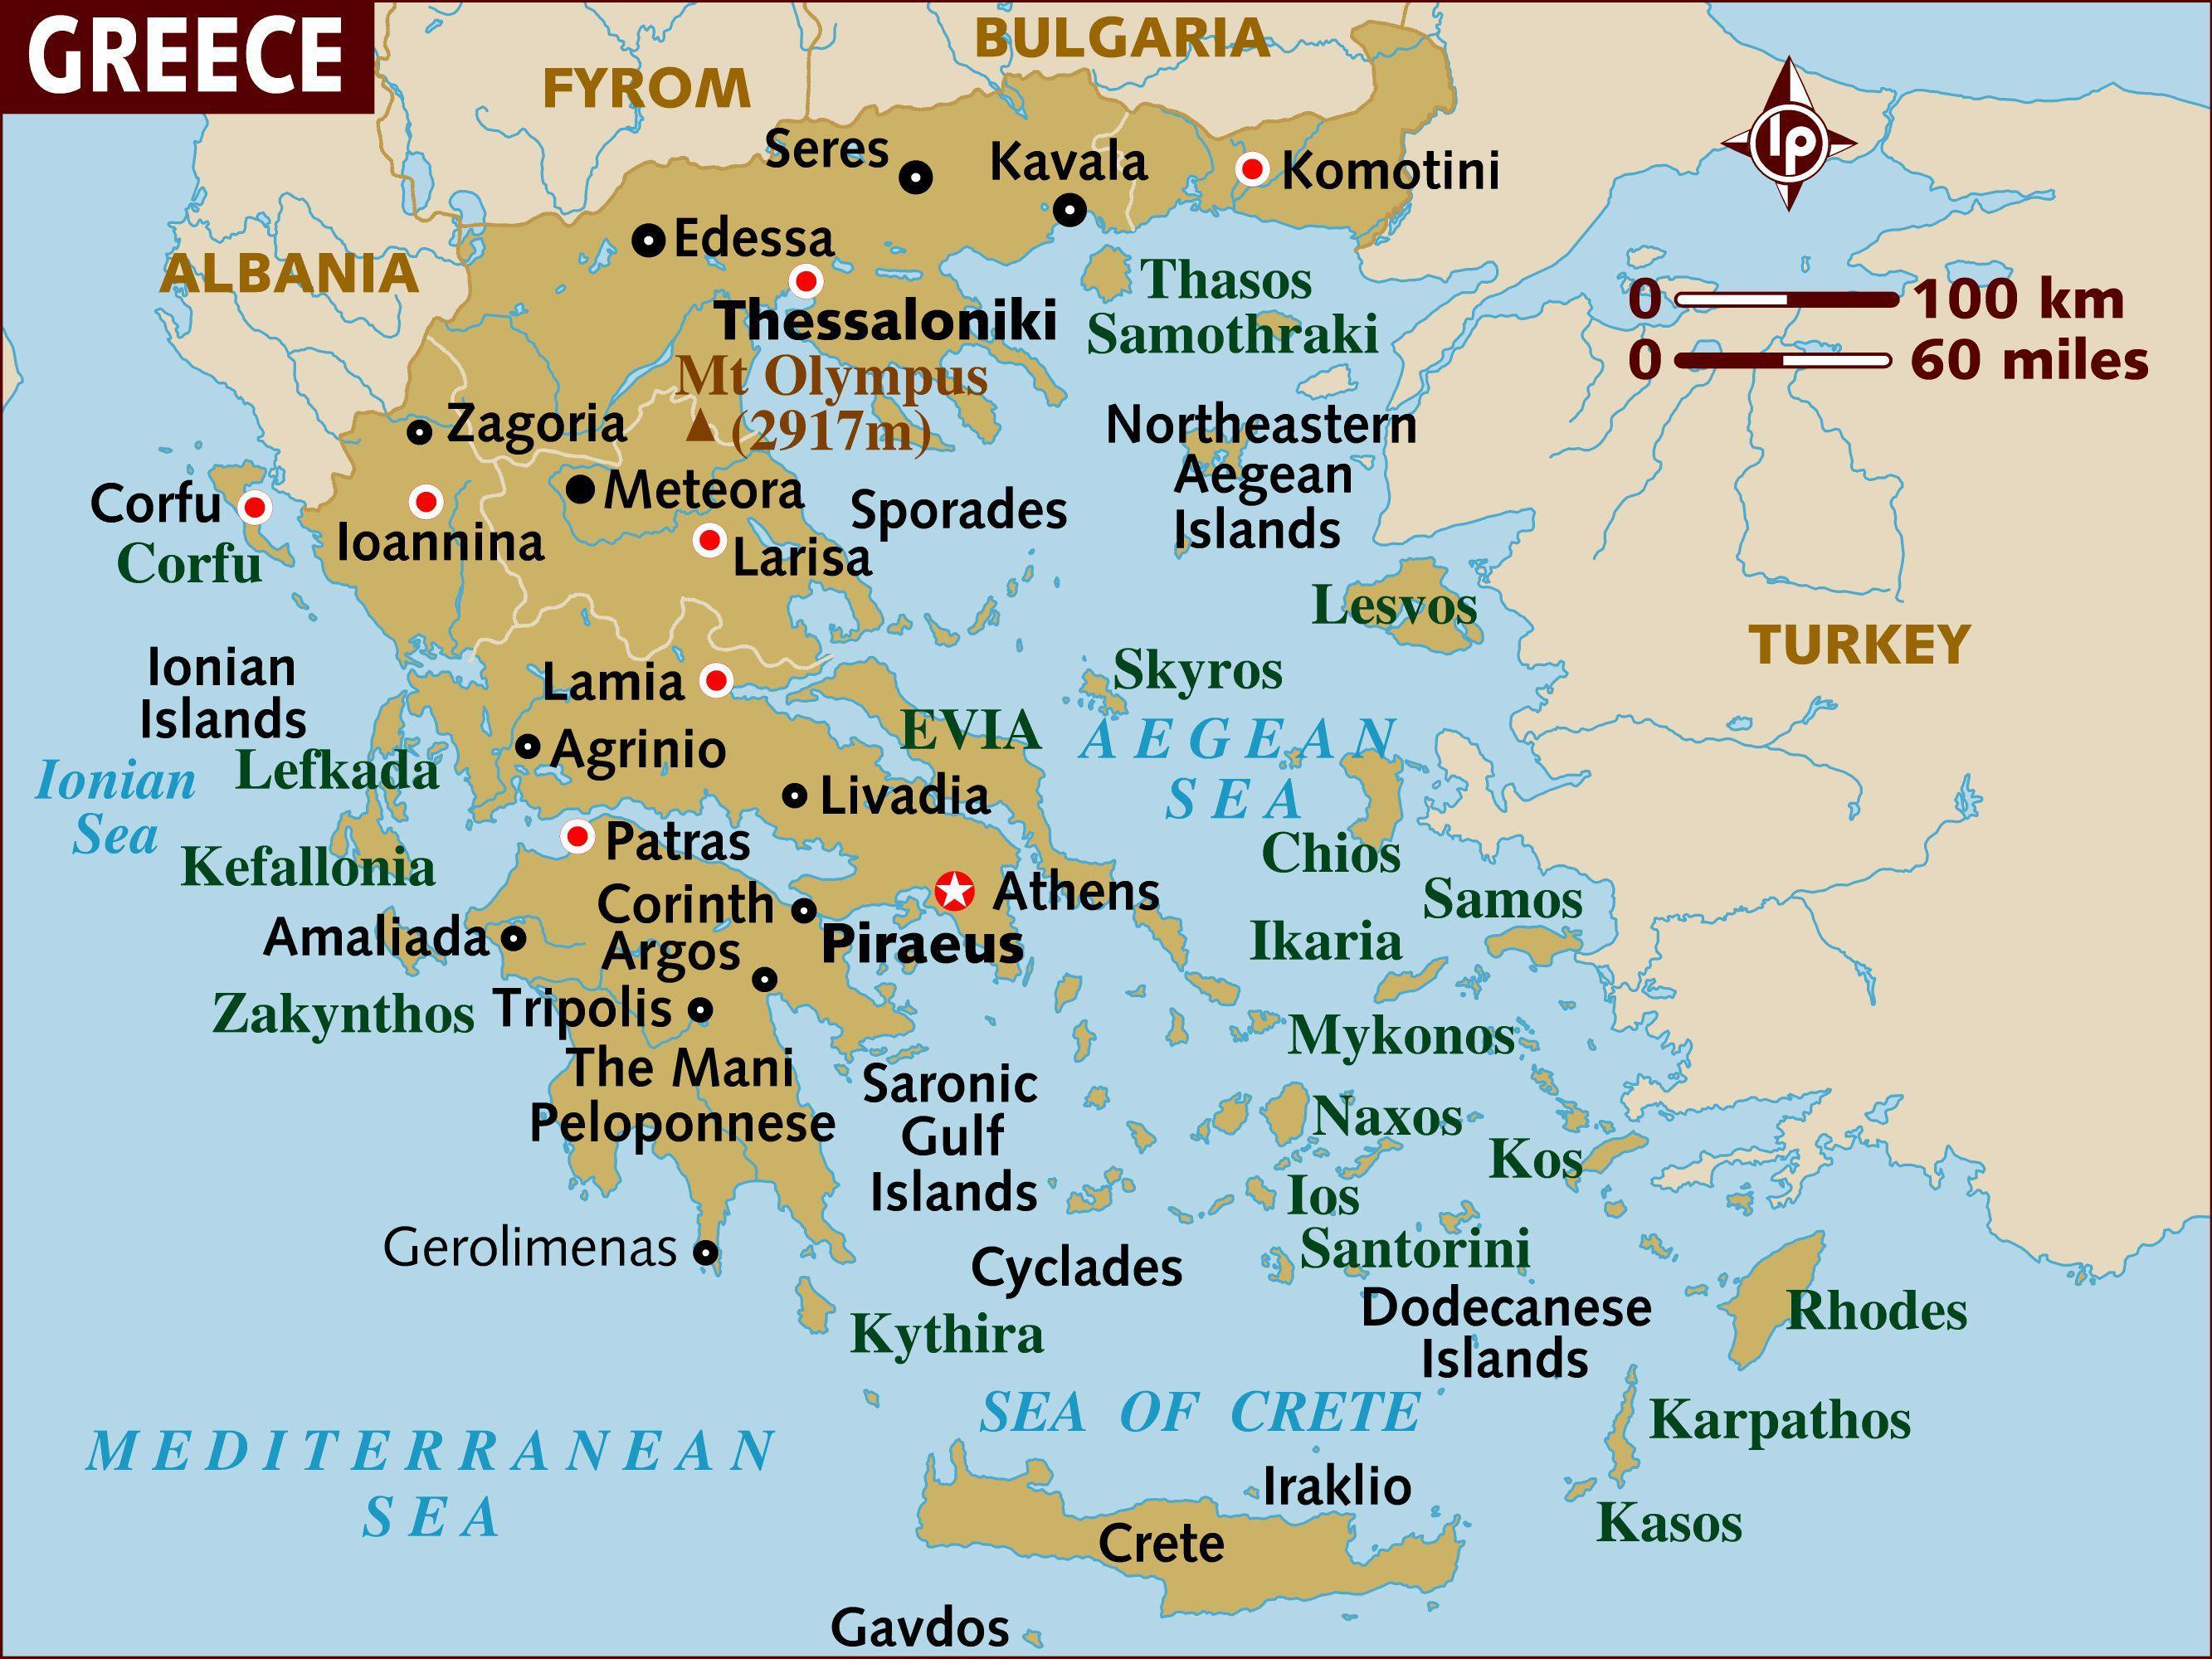 Karte Griechenland Mykonos.Karte Von Griechenland Inseln Karte Der Griechischen Inseln